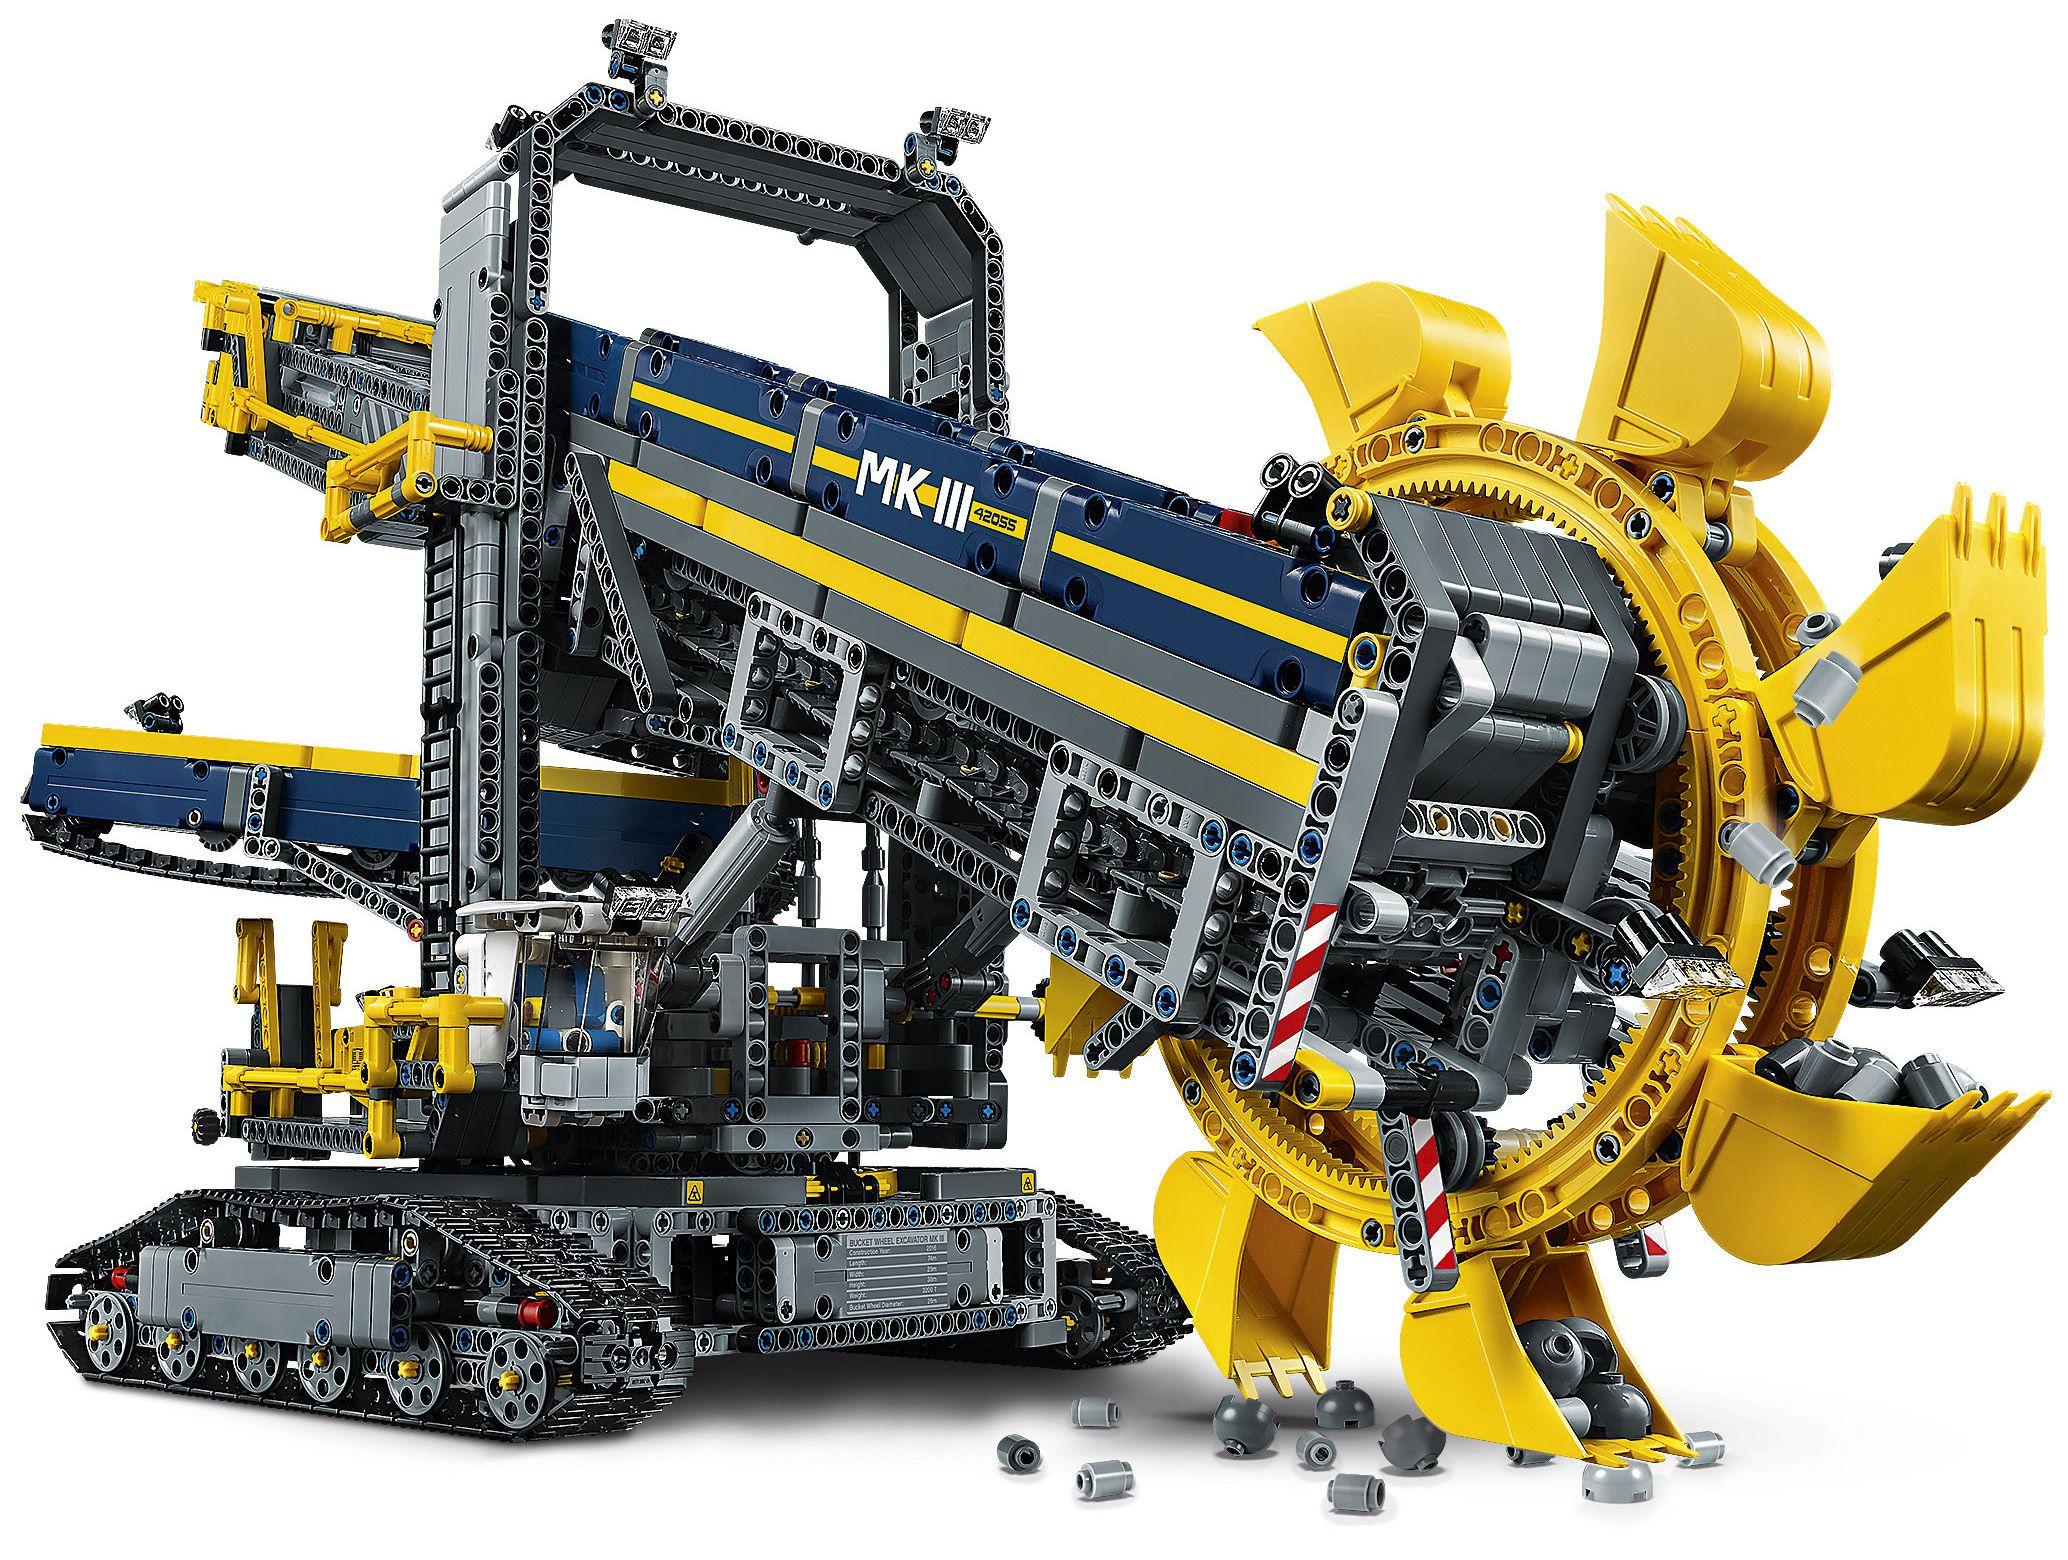 Lego technic 42055 la pelleteuse godets achat vente - Jeux de construction lego technic ...